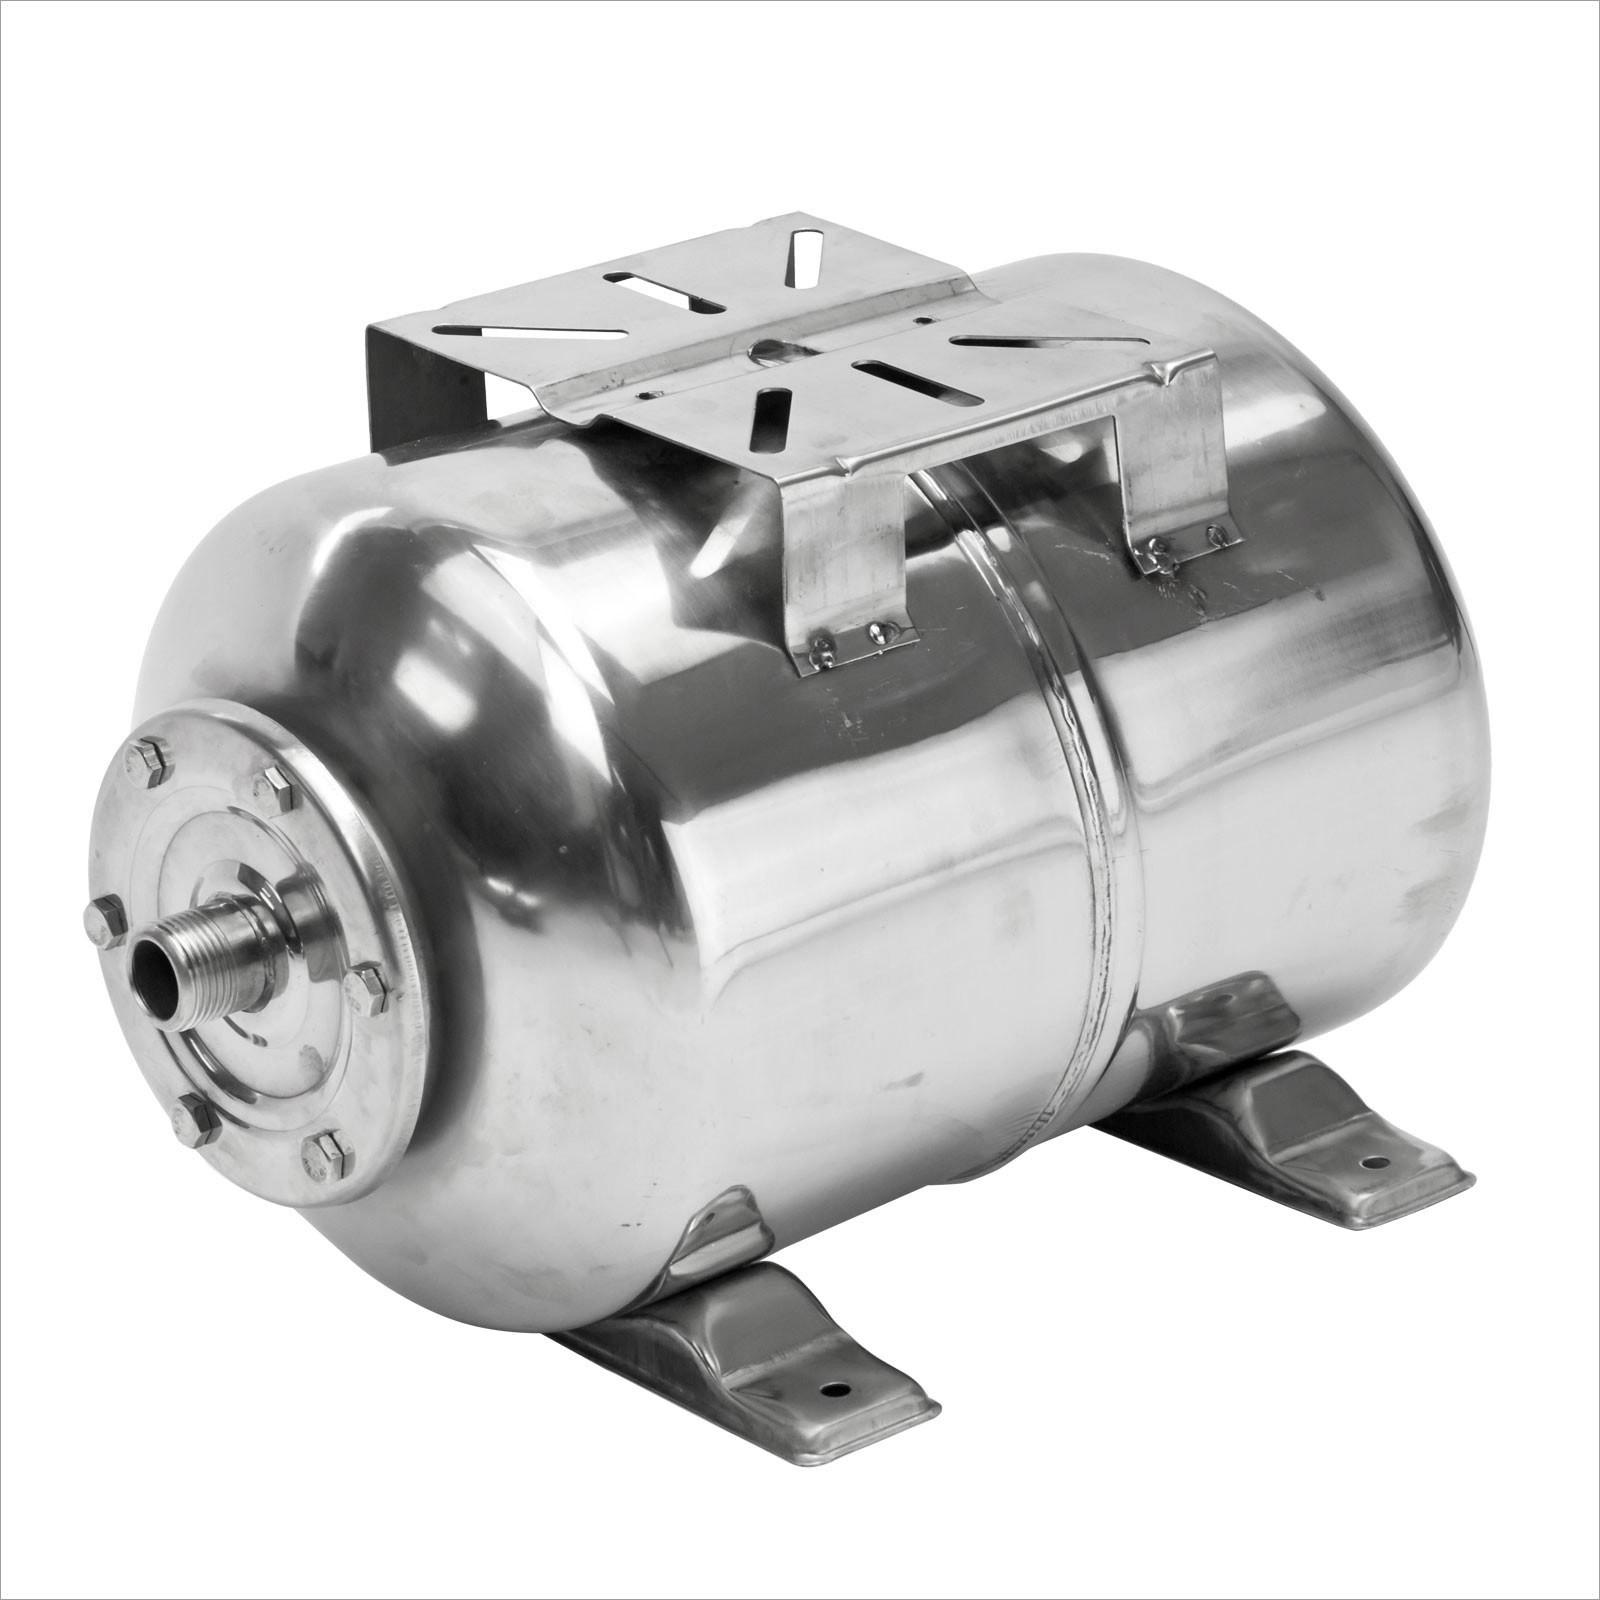 Dema Edelstahl Membran Druckkessel für Hauswasserwerk HWW 24 Liter 6 bar 30441